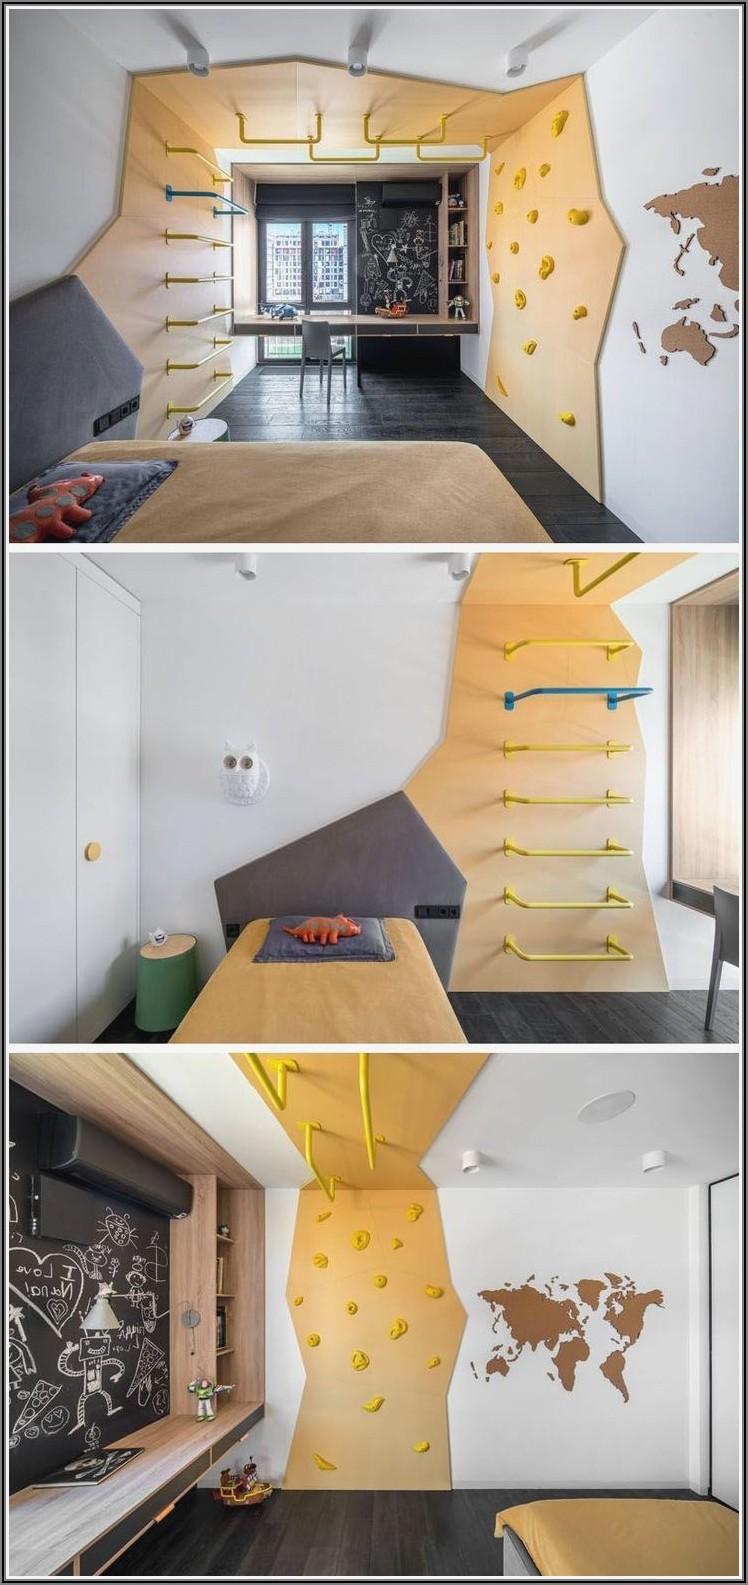 Kletterwand Selber Bauen Kinderzimmer